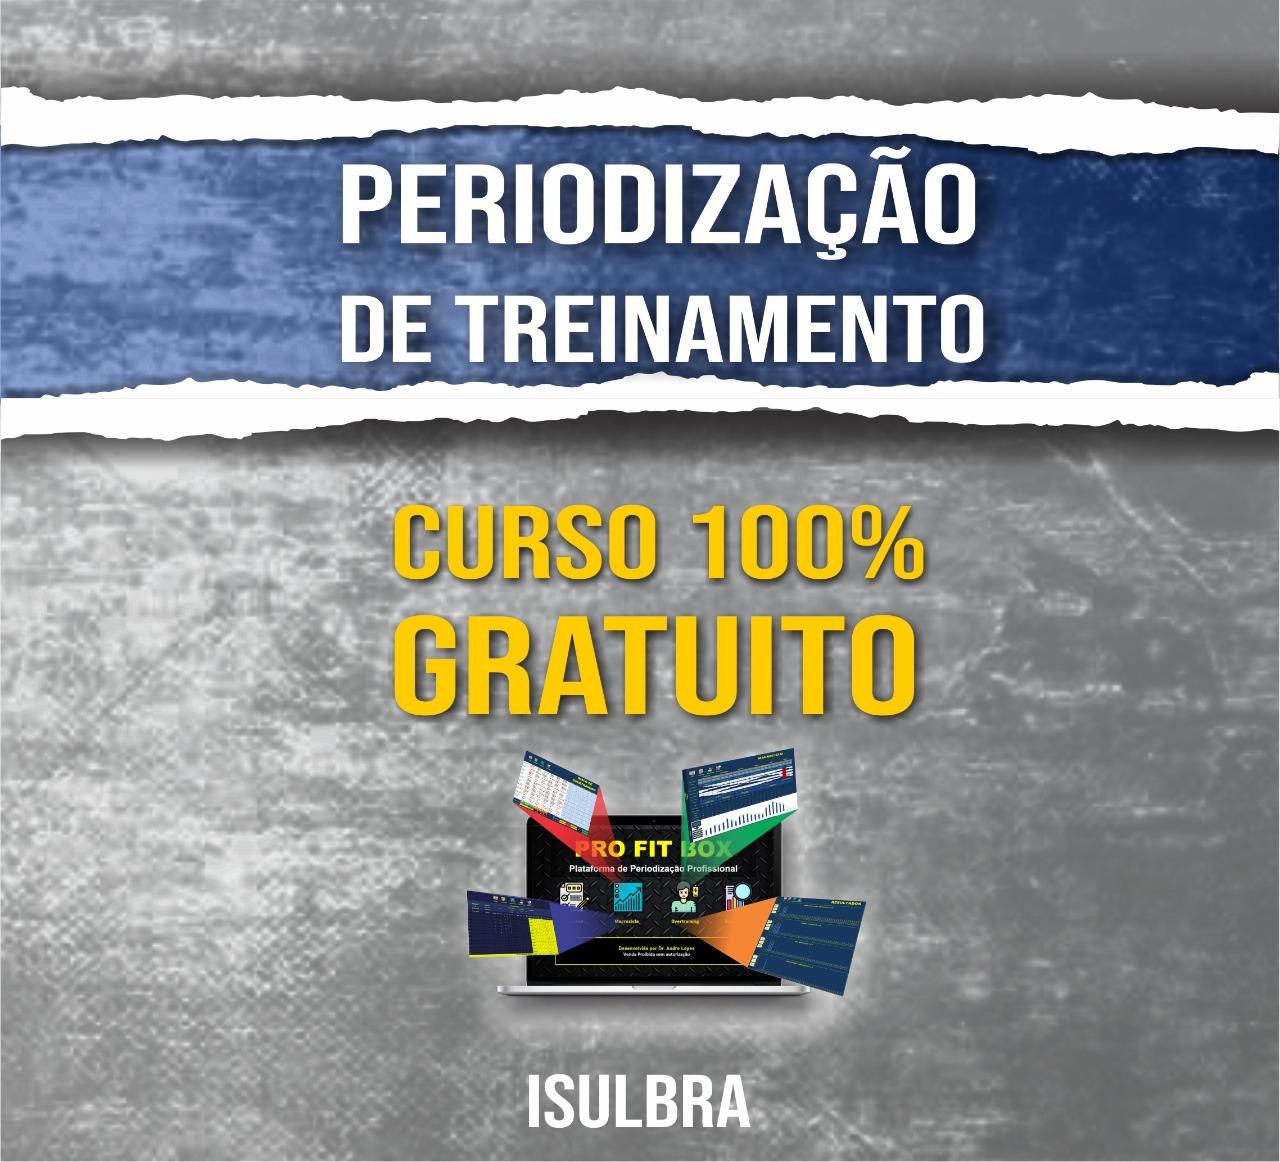 Curso para CURSO GRÁTIS DE PERIODIZAÇÃO DO TREINAMENTO